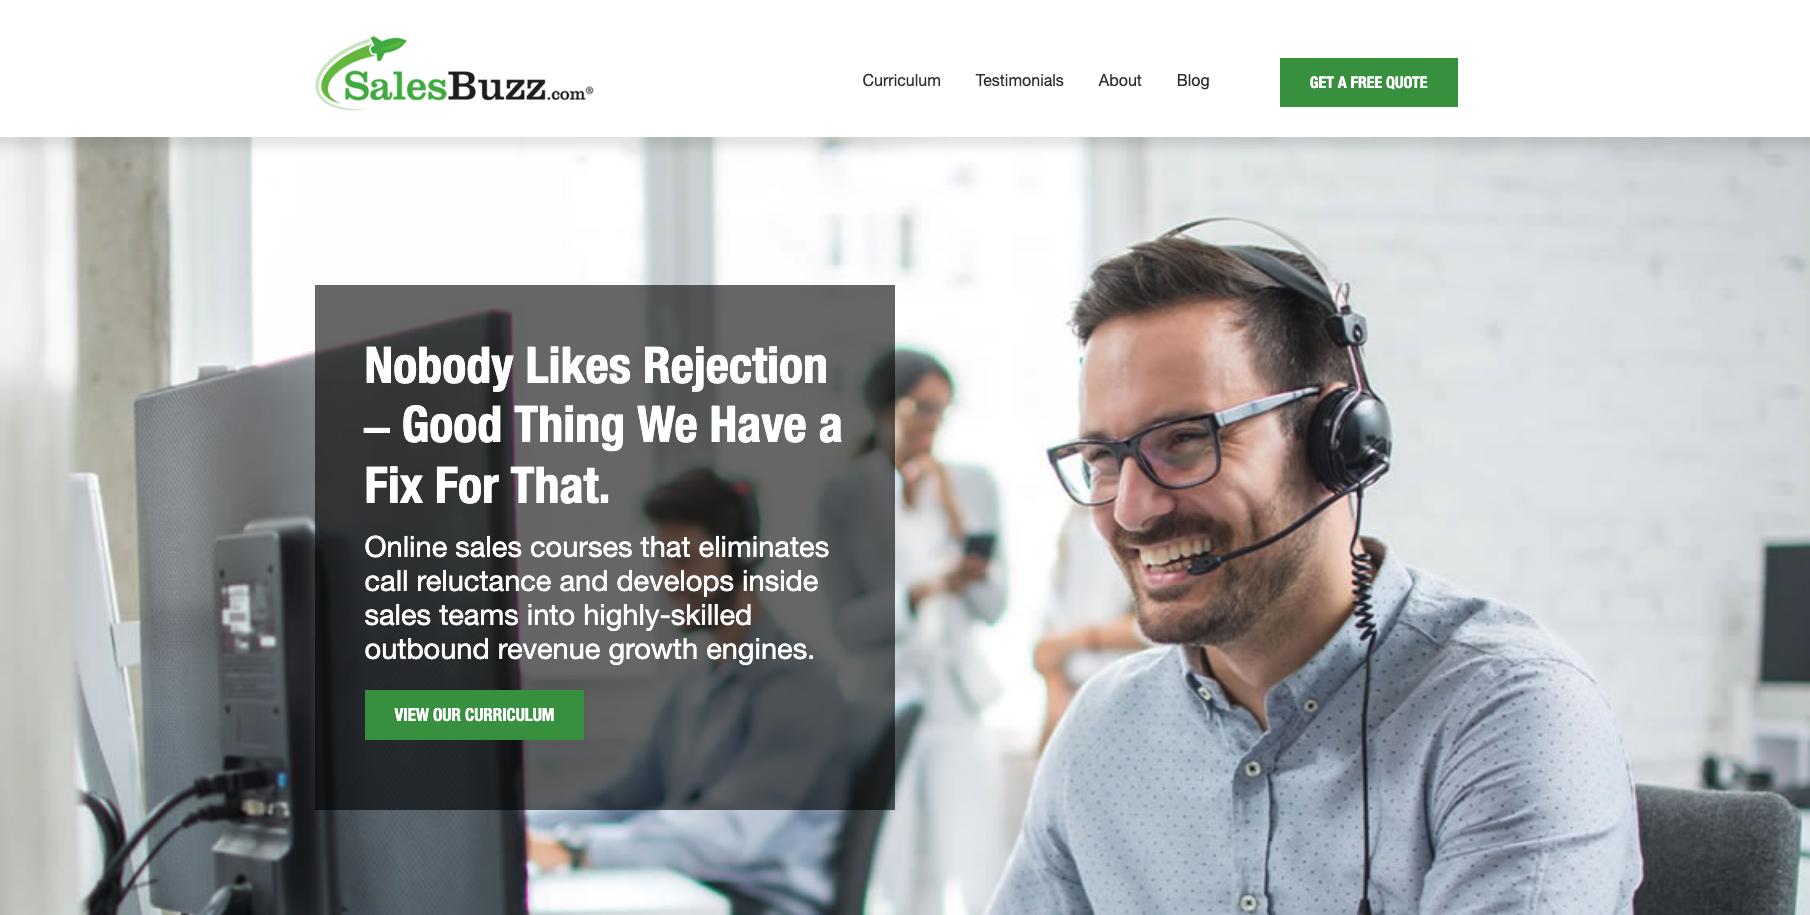 Screenshot of SalesBuzz's website homepage